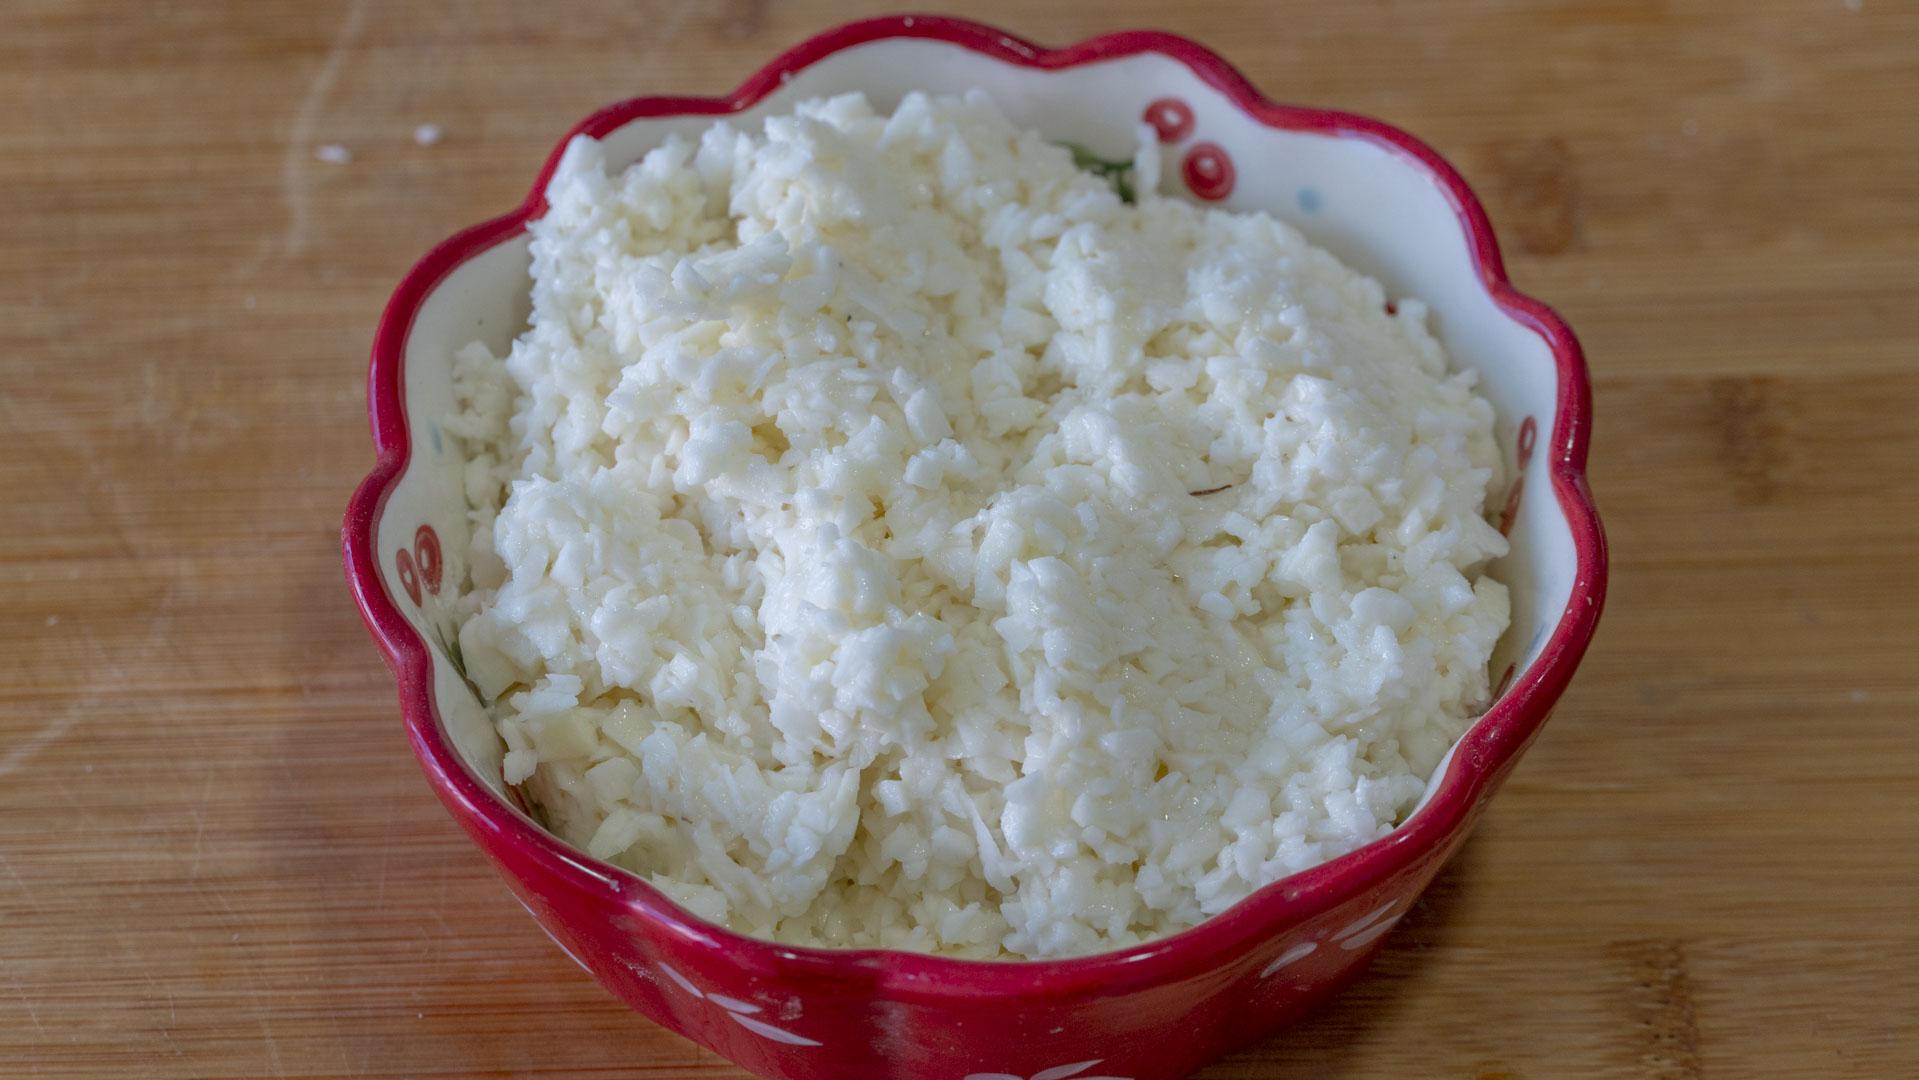 天冷了,这道汤多给家人喝,汤鲜肉嫩,做法简单,顺应时节好过秋